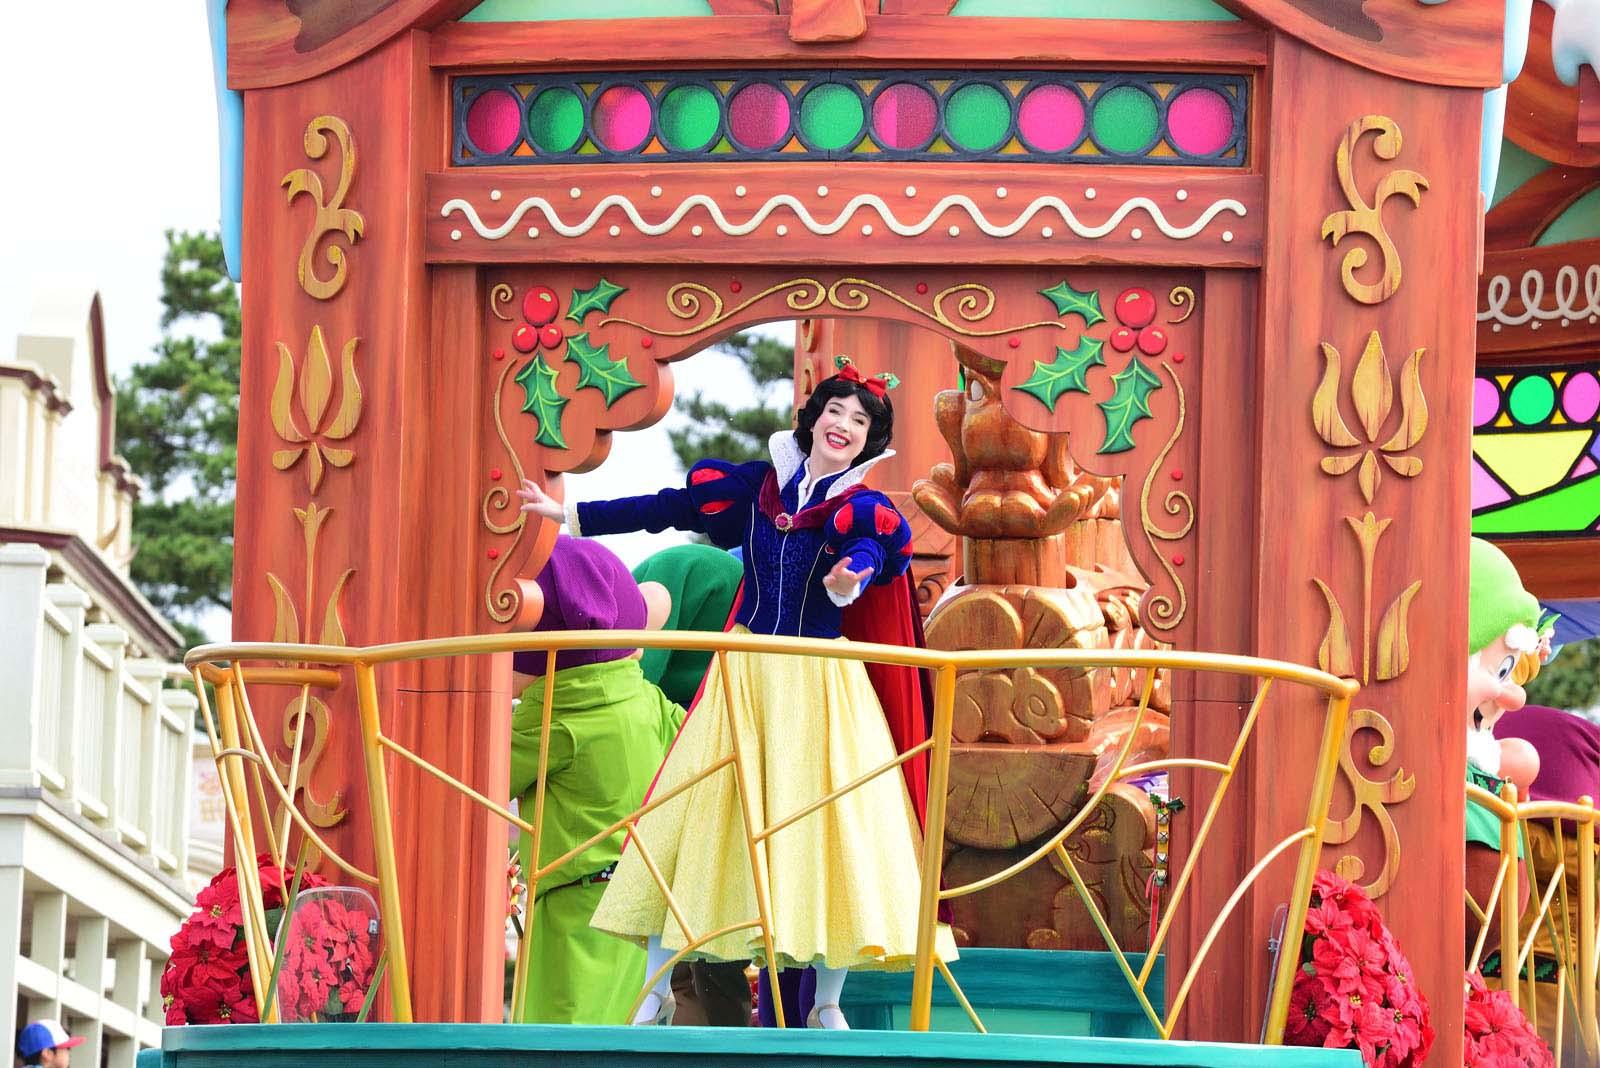 ディズニー・クリスマス・ストーリーズ2018 白雪姫